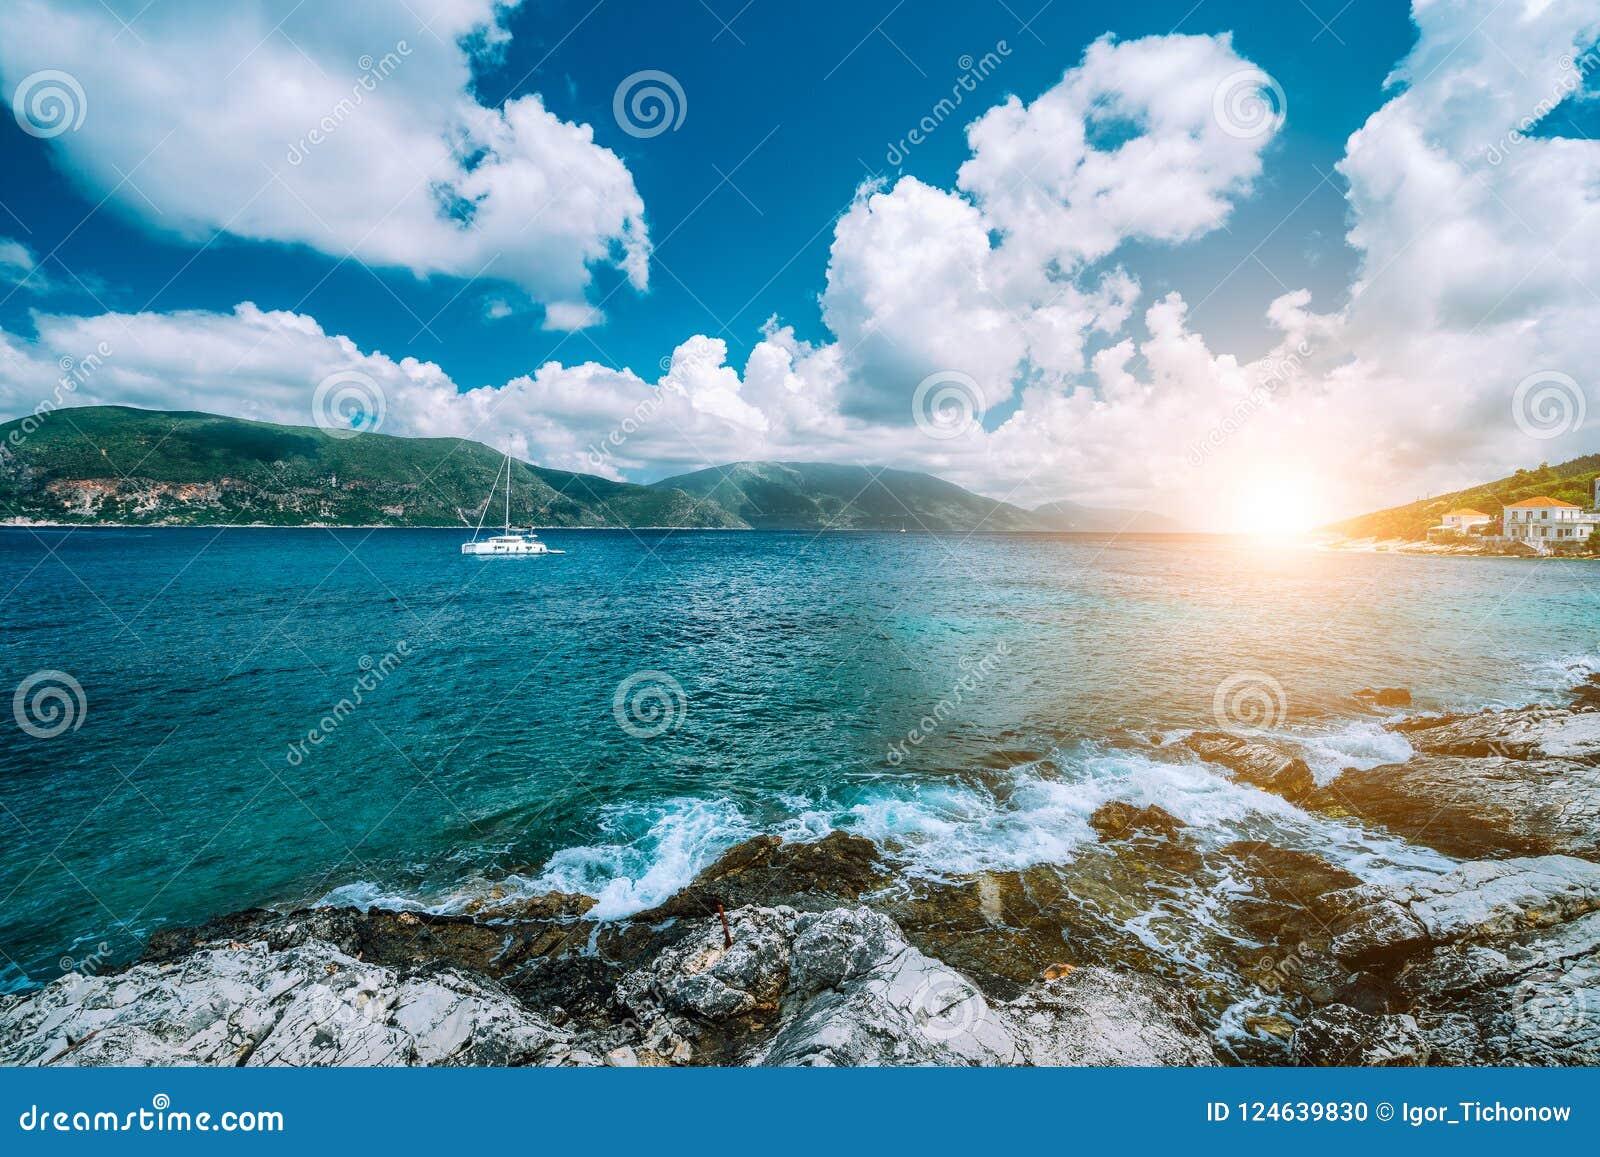 Água de mar Mediterrâneo azul transparente claro da cerceta de turquesa na cidade de Fiskardo Iate branco no mar aberto em